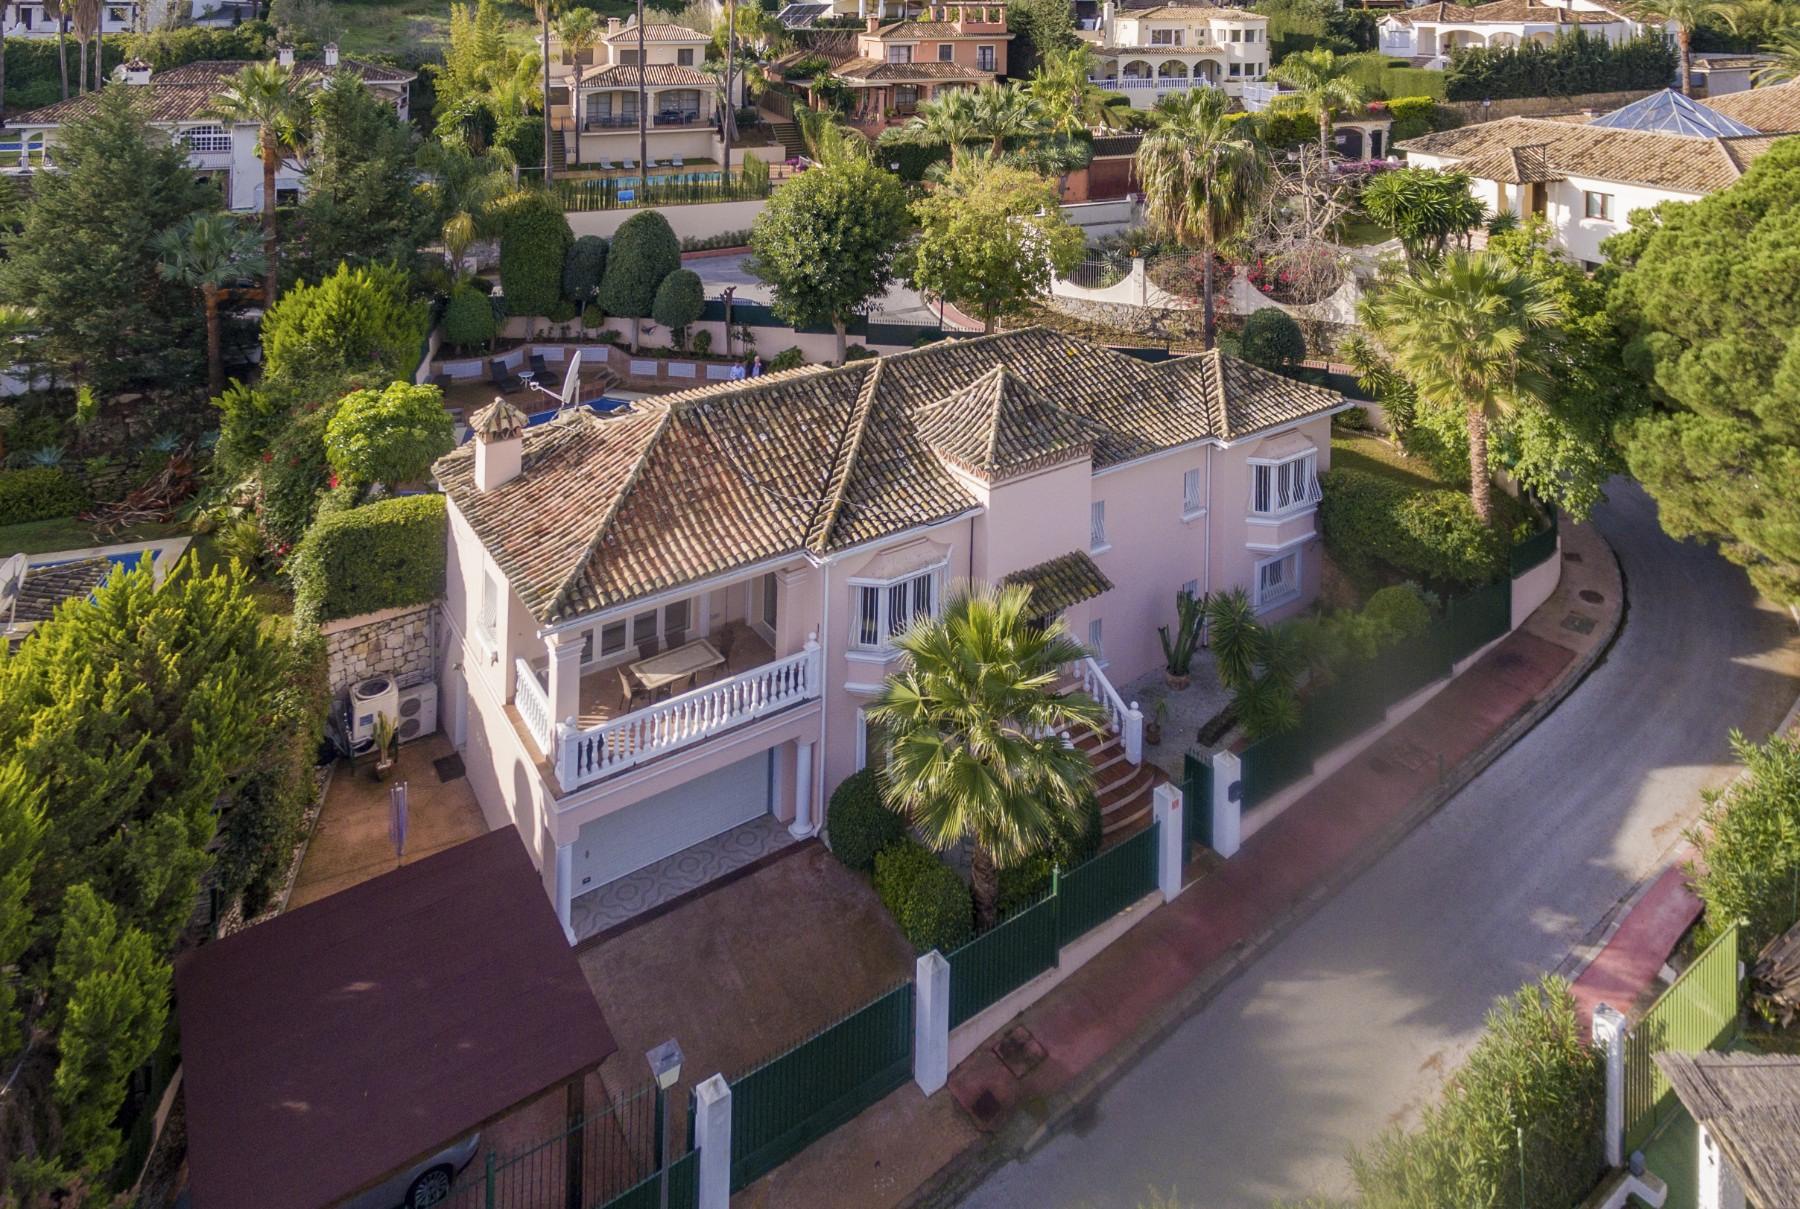 Maison unifamiliale pour l Vente à Villa with golf views Nueva Andalucia Las Brisas Marbella, Andalousie, 29660 Espagne